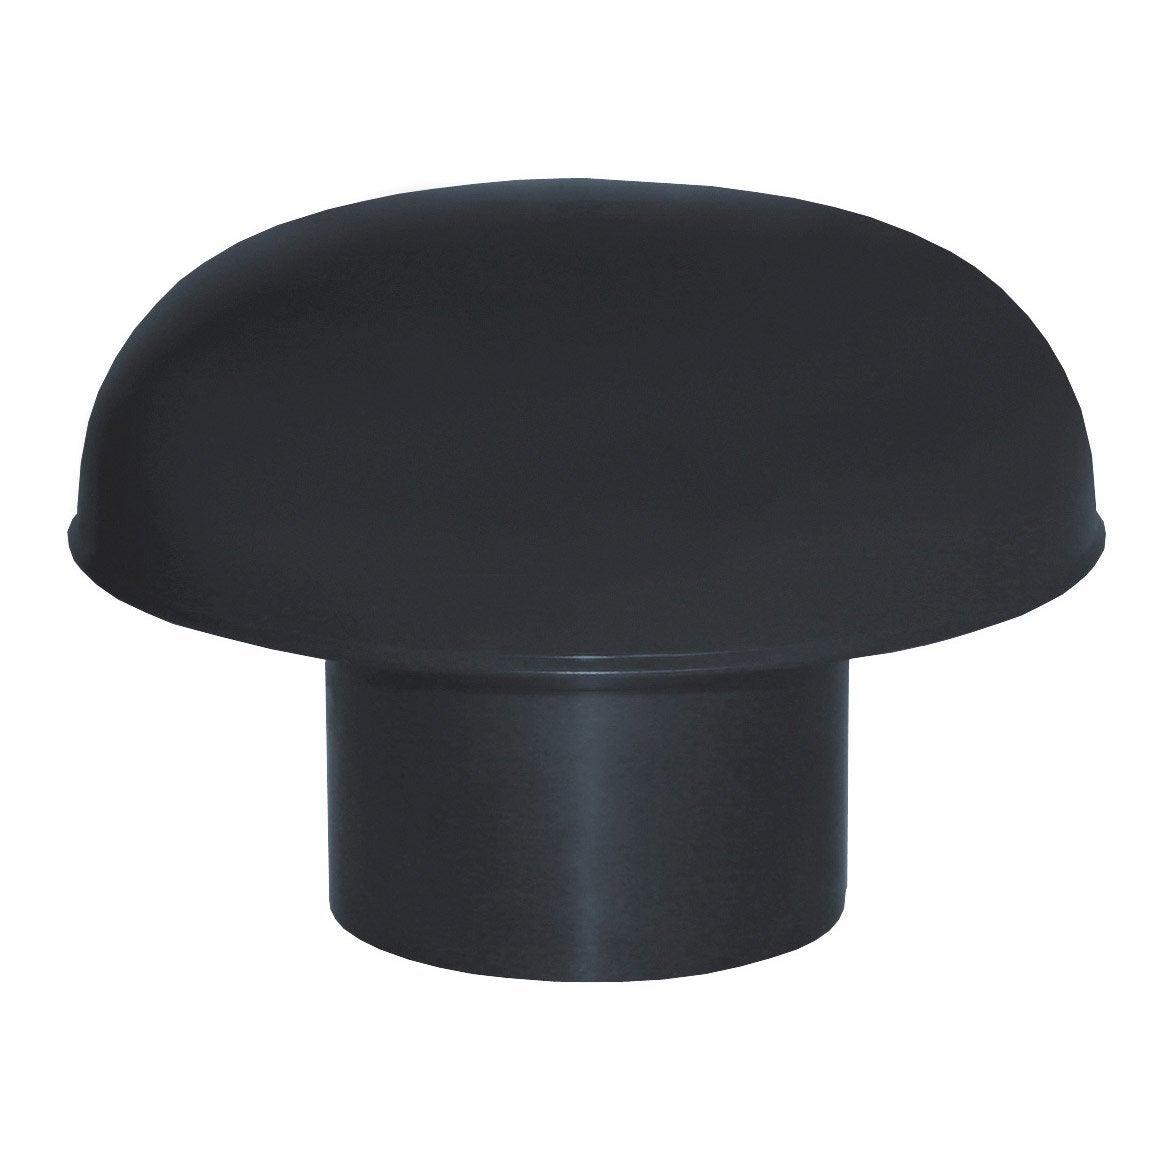 Chapeau de ventilation ardoise diam 100 mm leroy merlin for Chapeau pour cheminee exterieur